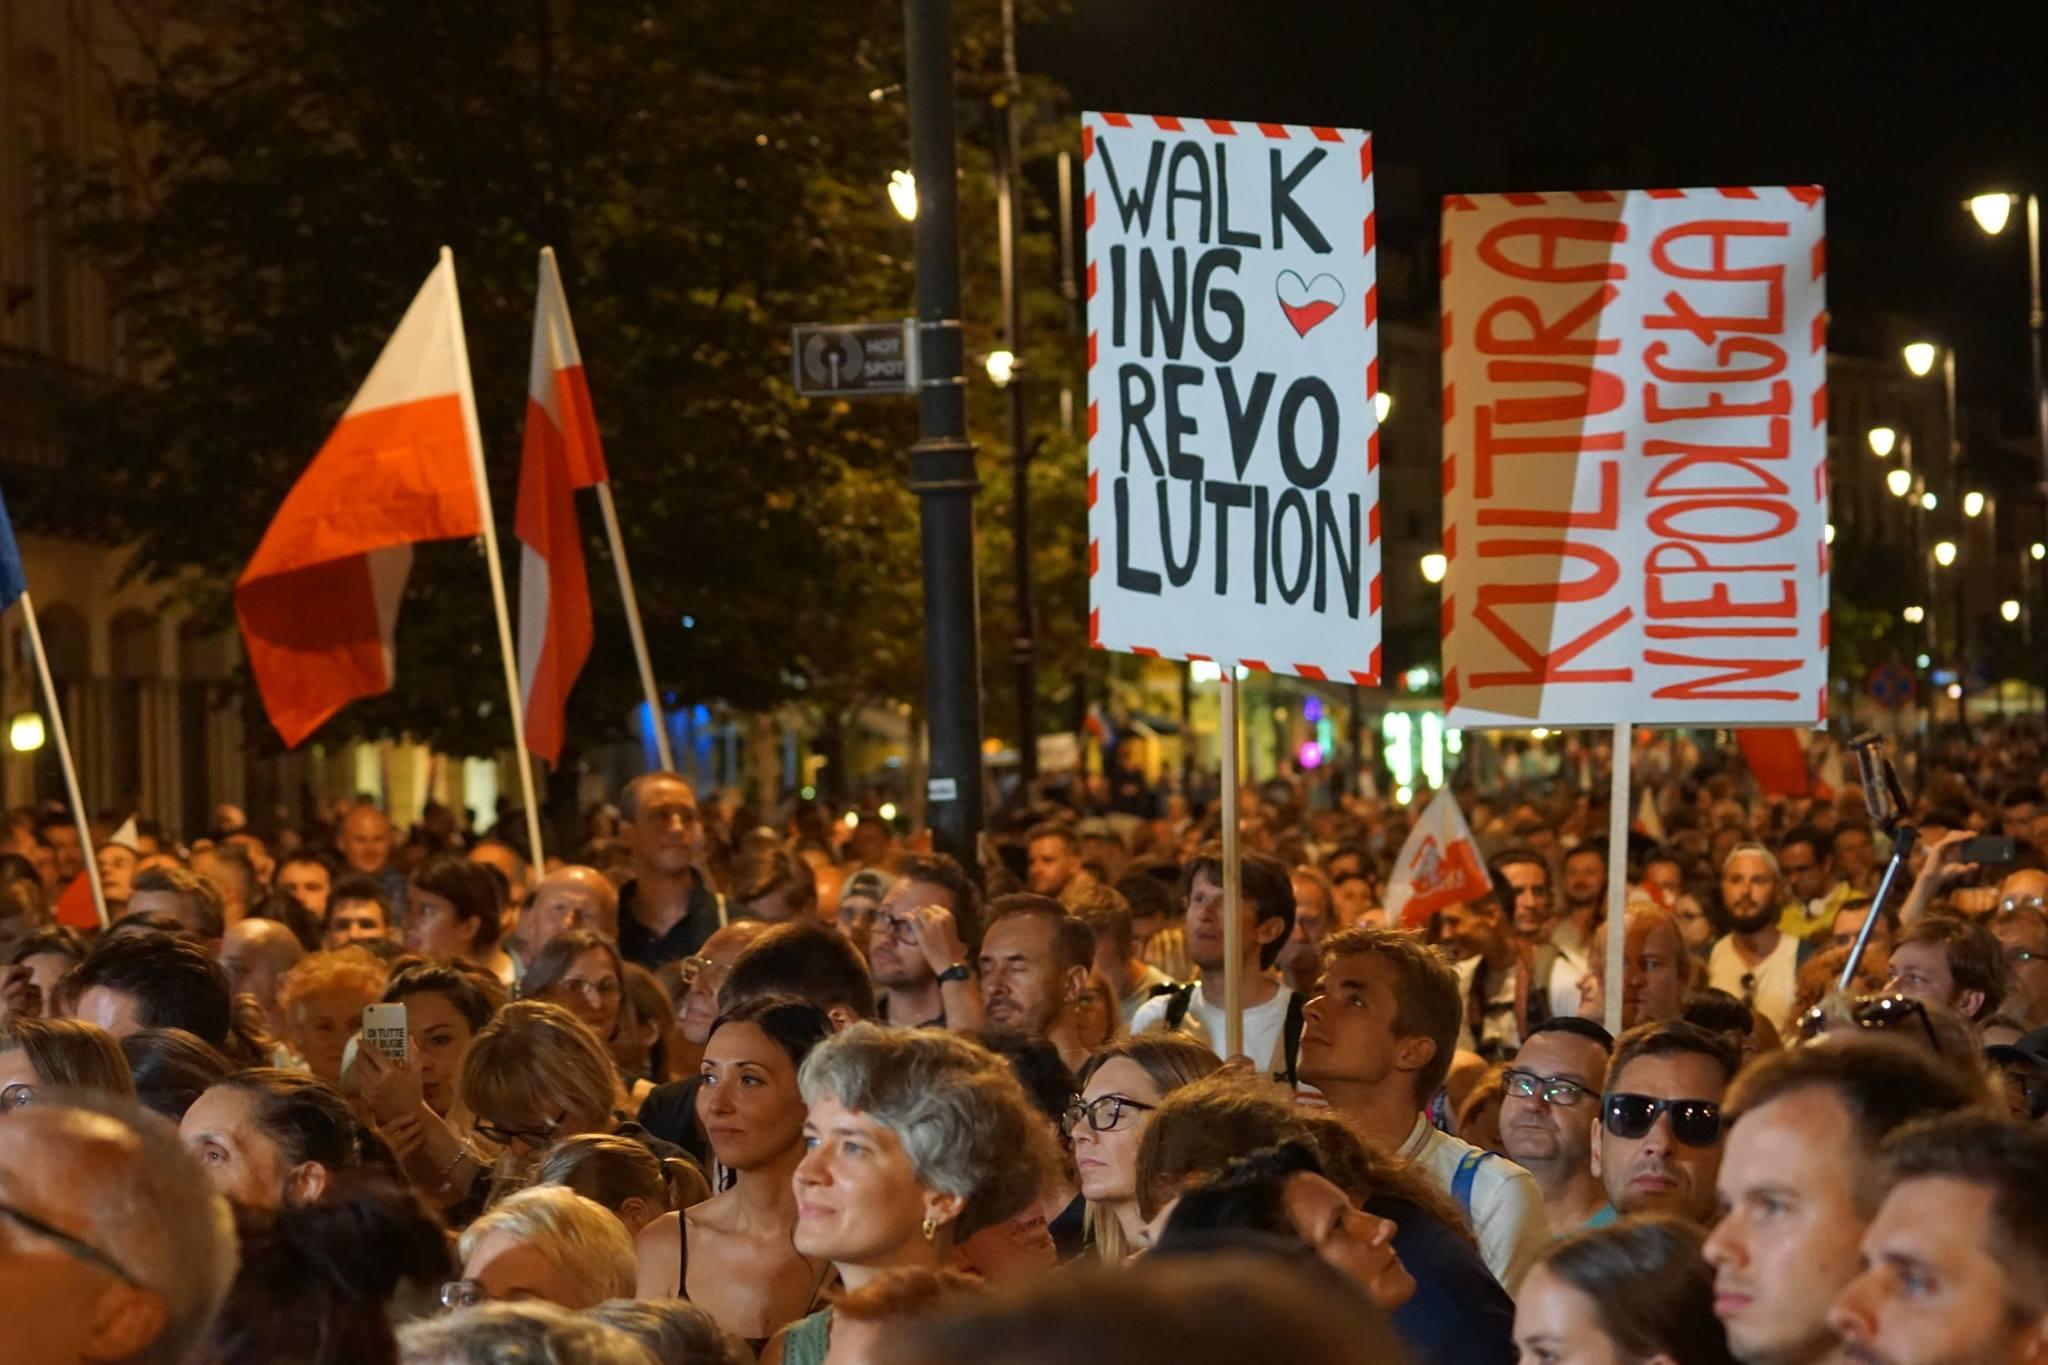 """Spacerująca rewolucja lipcowa, czyli wraz z ubeckimi wdowami i agentami SB wyrażamy sprzeciw przeciwko reformie sądownictwa """"przepychanej kolanem pod ławką"""""""